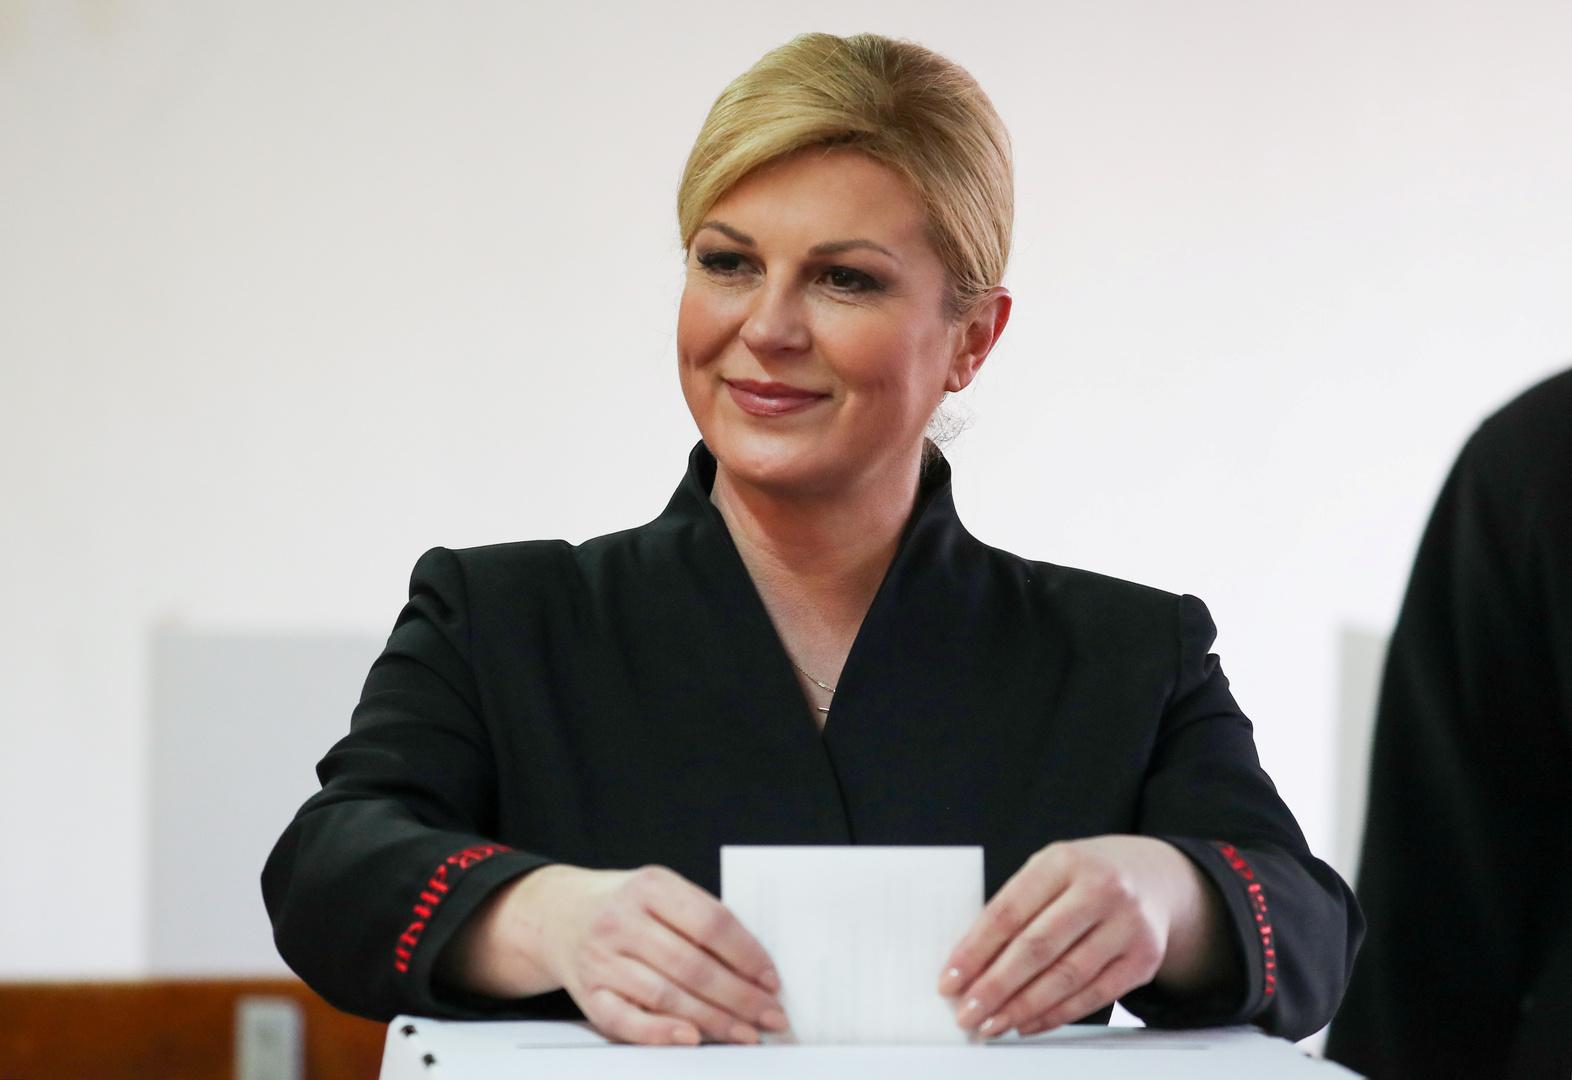 اشتراكي ديمقراطي يزيح حسناء كرواتيا من الرئاسة